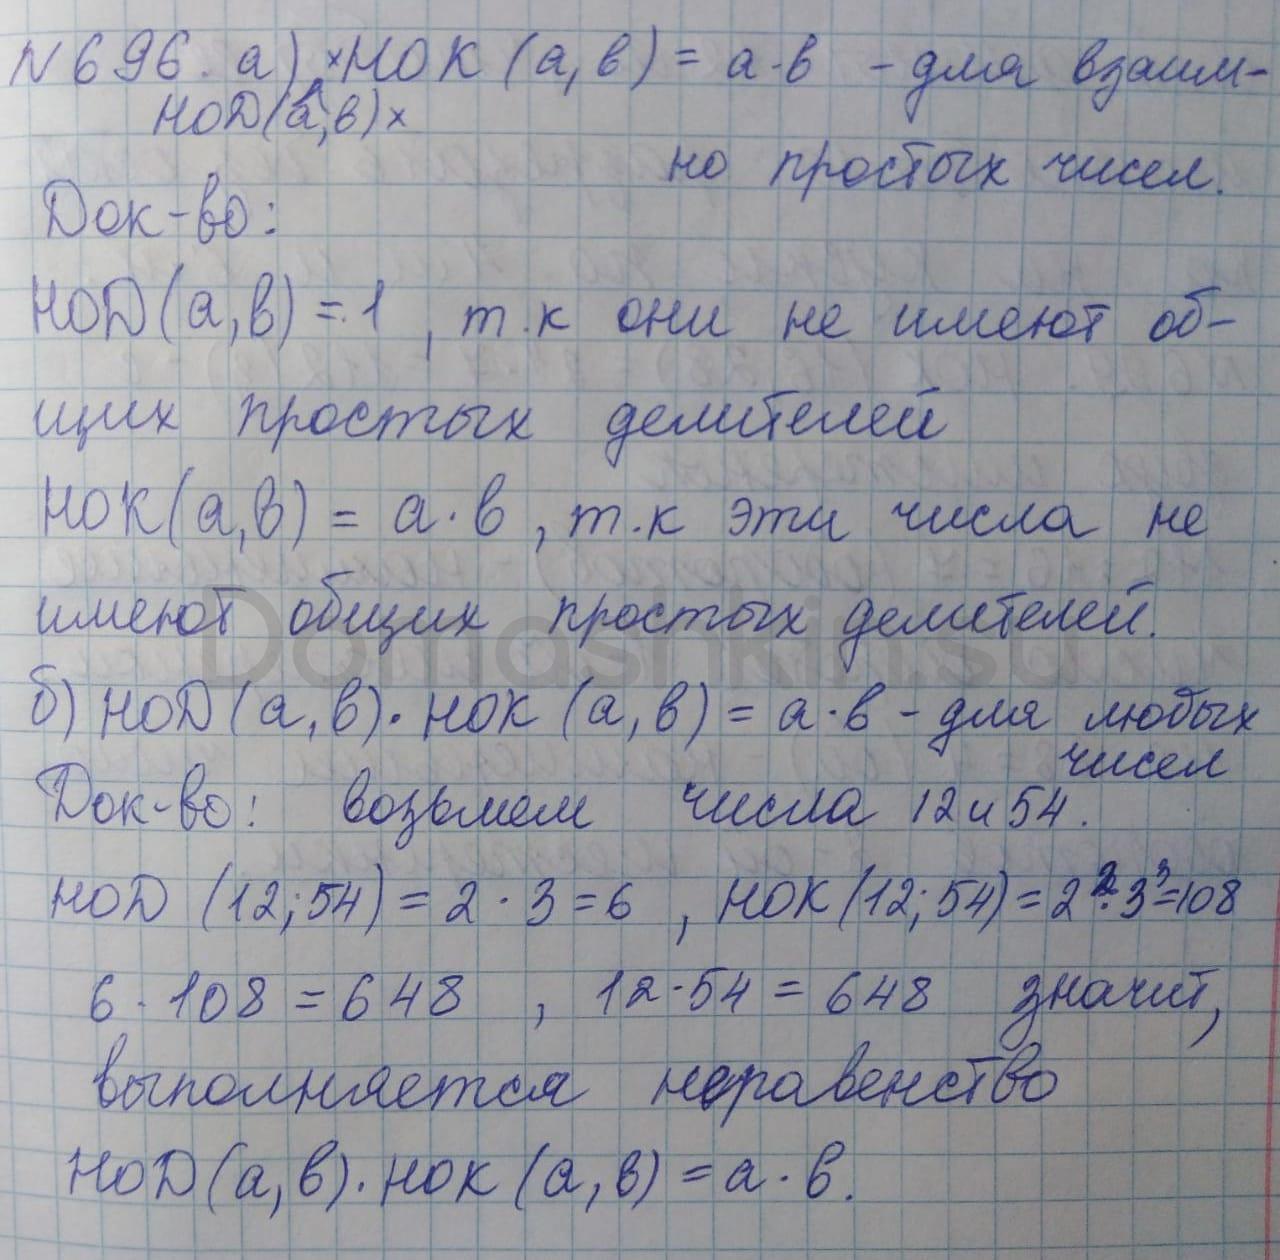 Математика 5 класс учебник Никольский номер 696 решение